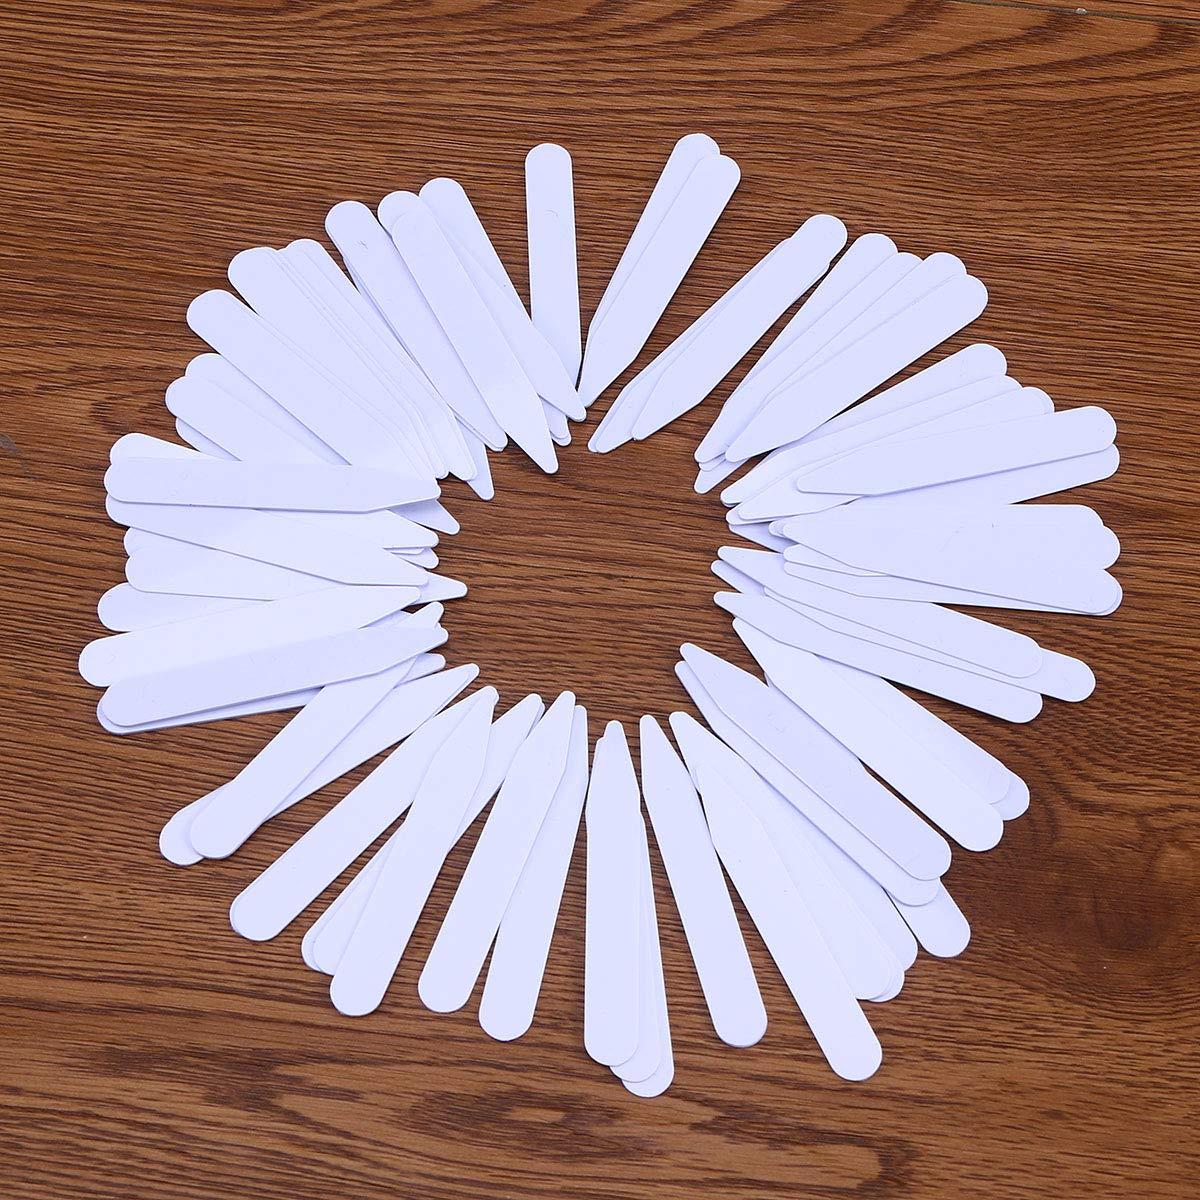 SUPVOX Stecche Camicia Colletto tendicollo Camicia 200 Pezzi 5cm 6.2cm 7cm